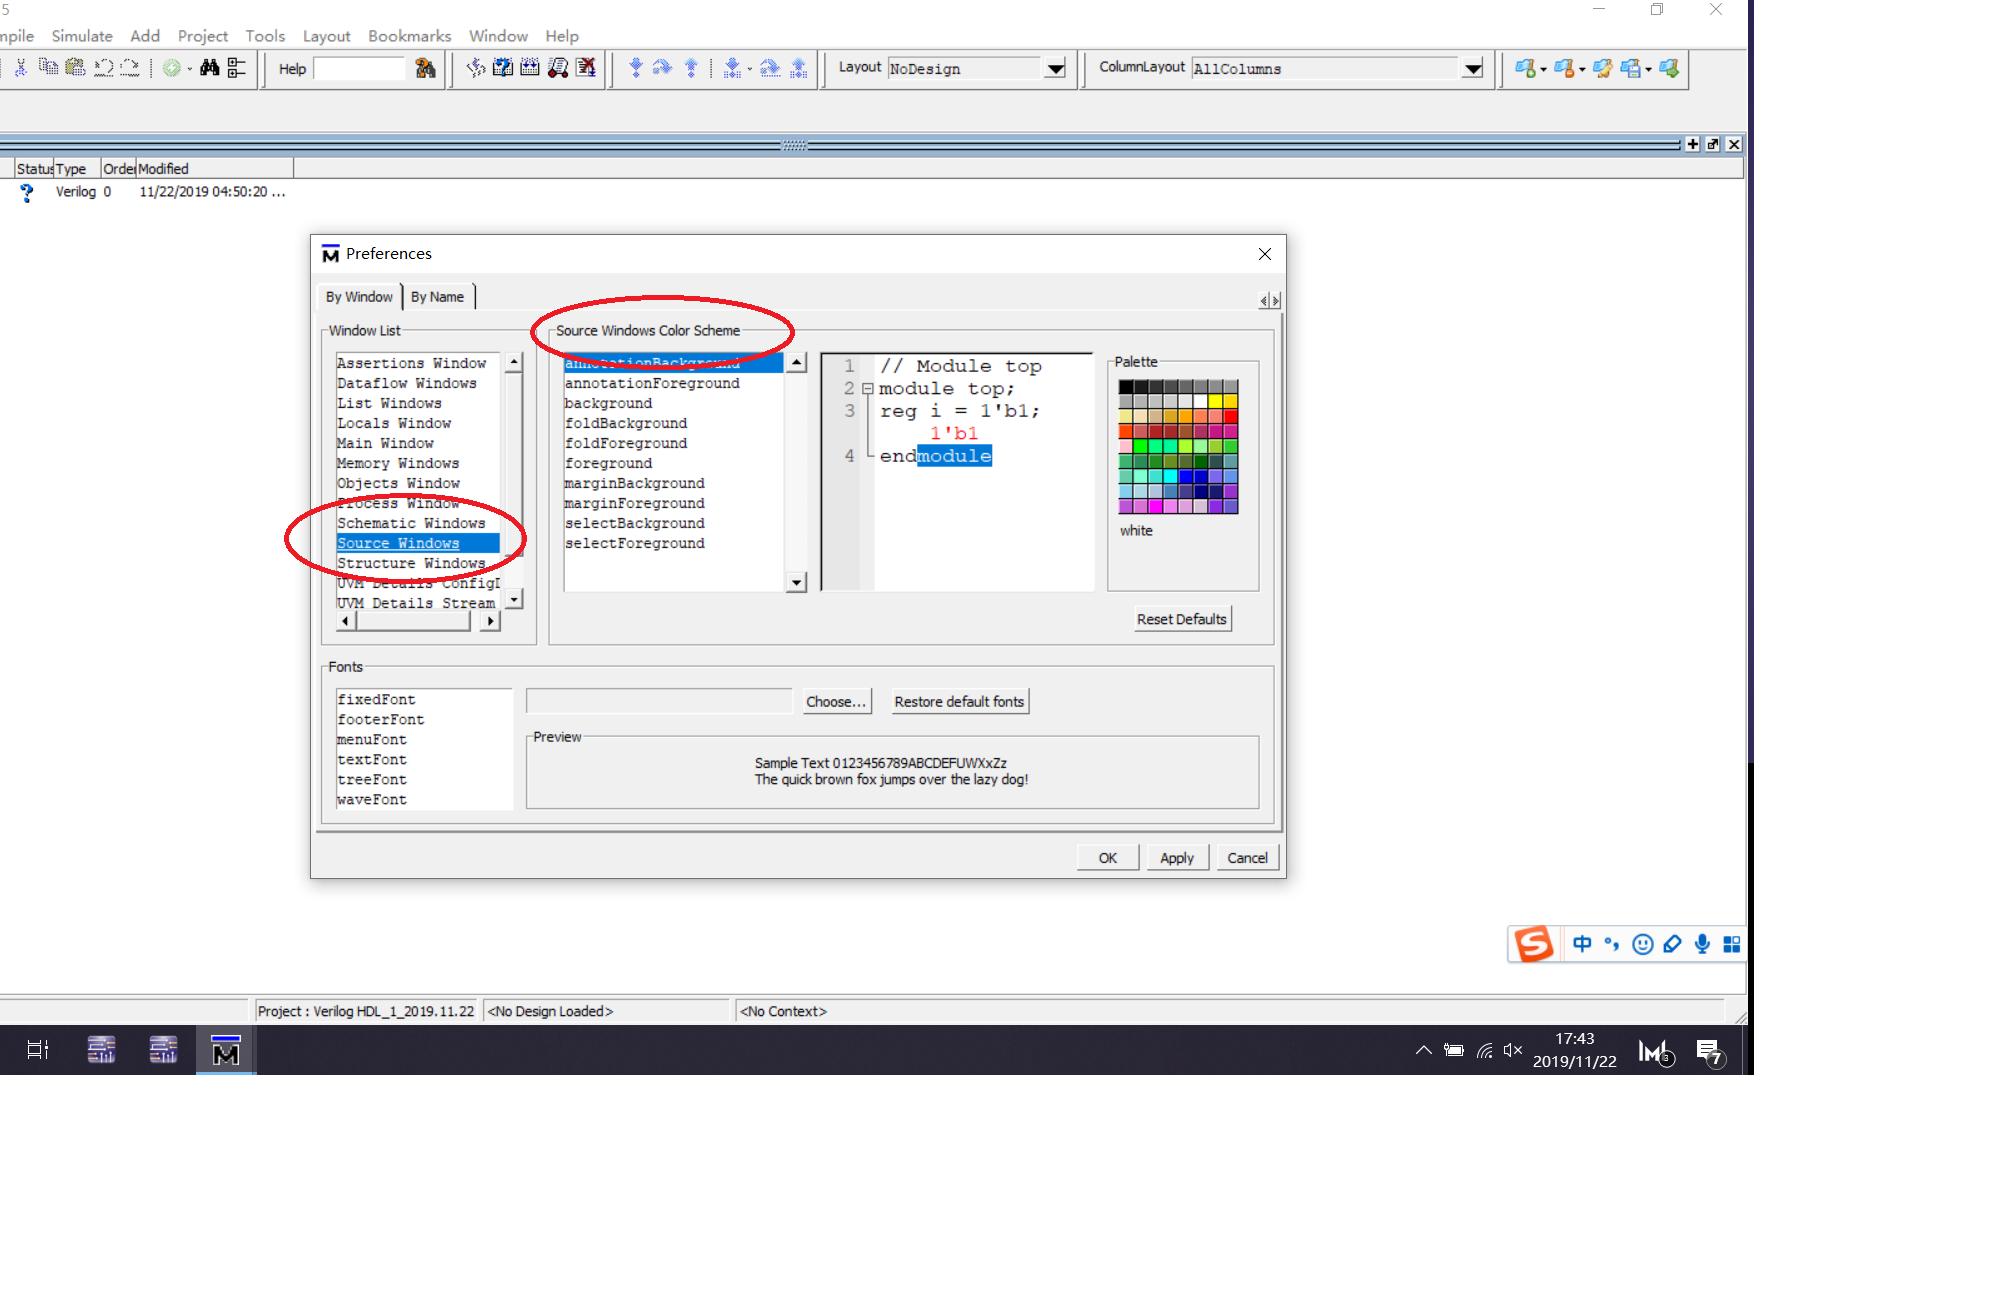 ModelSim SE-64 10.5中文字显示乱码,情况在软件中哪里进行设置?